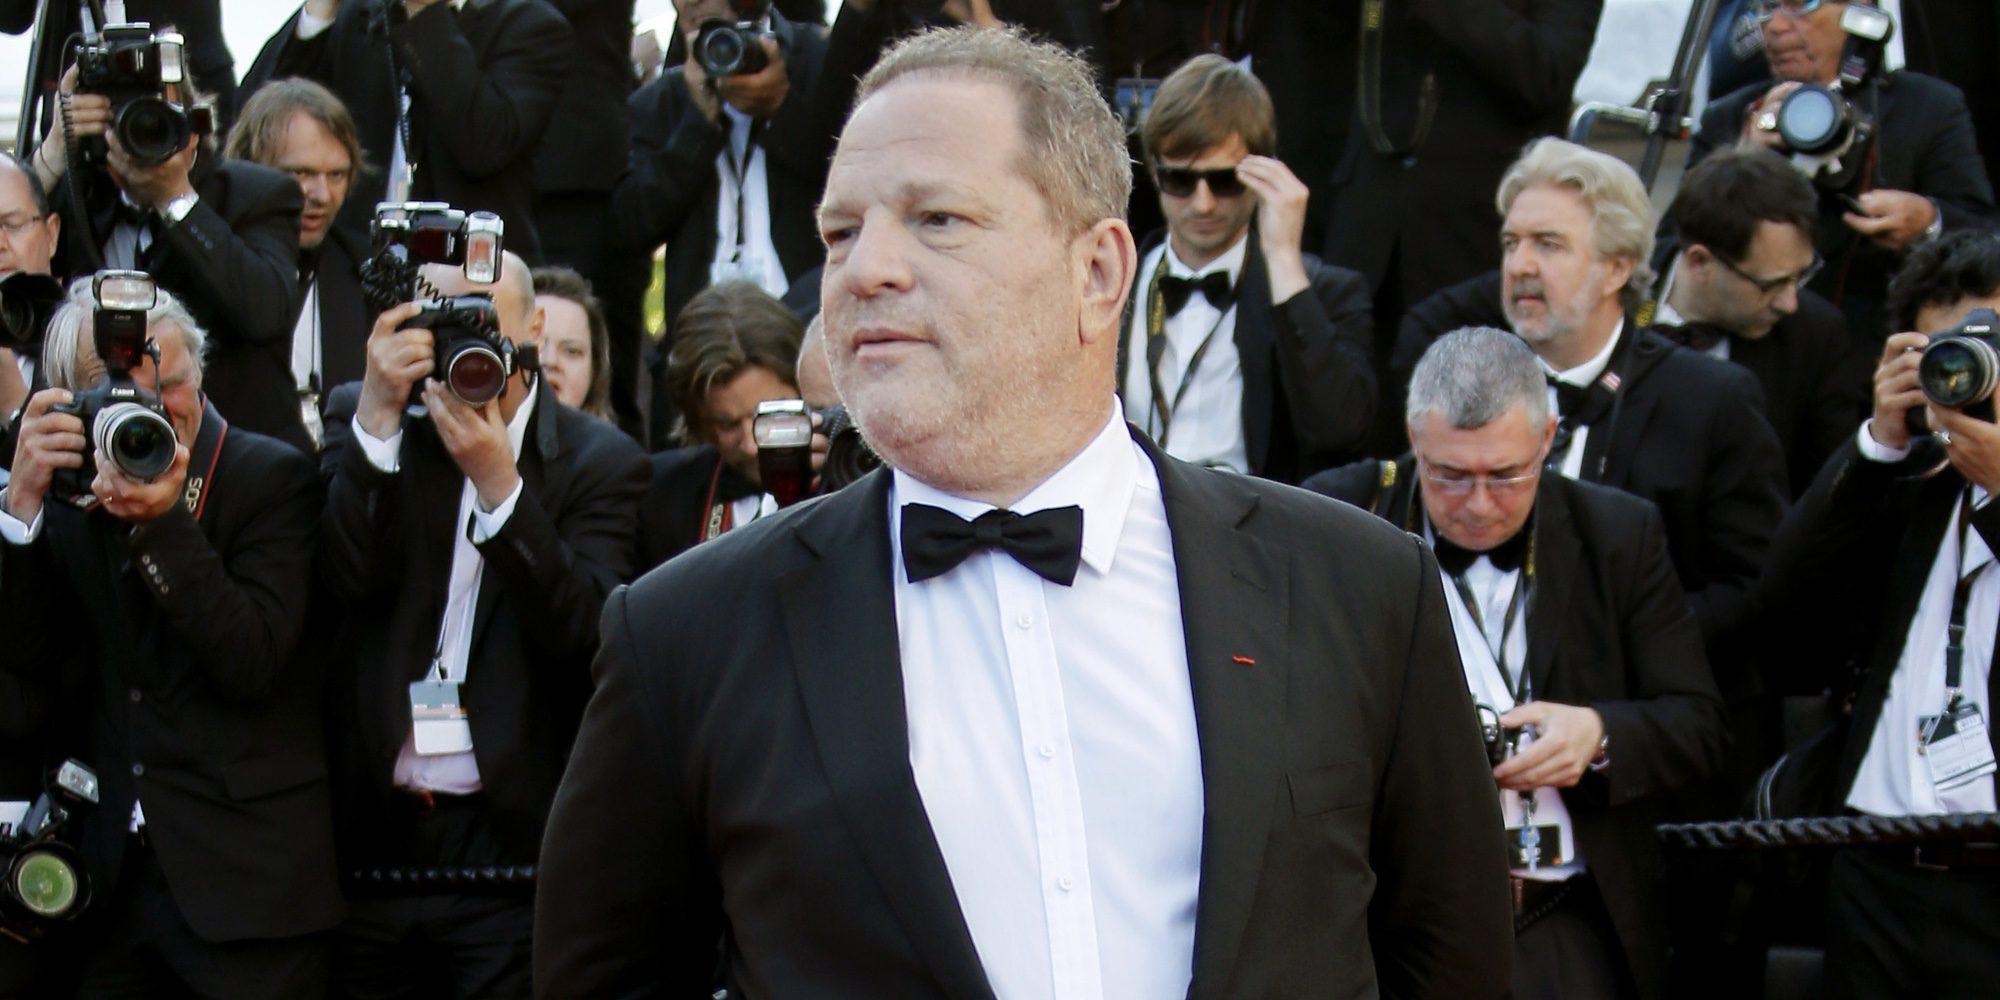 El hermano de Harvey Weinstein, acusado de hacer propuestas sexuales a una empleada de su compañía